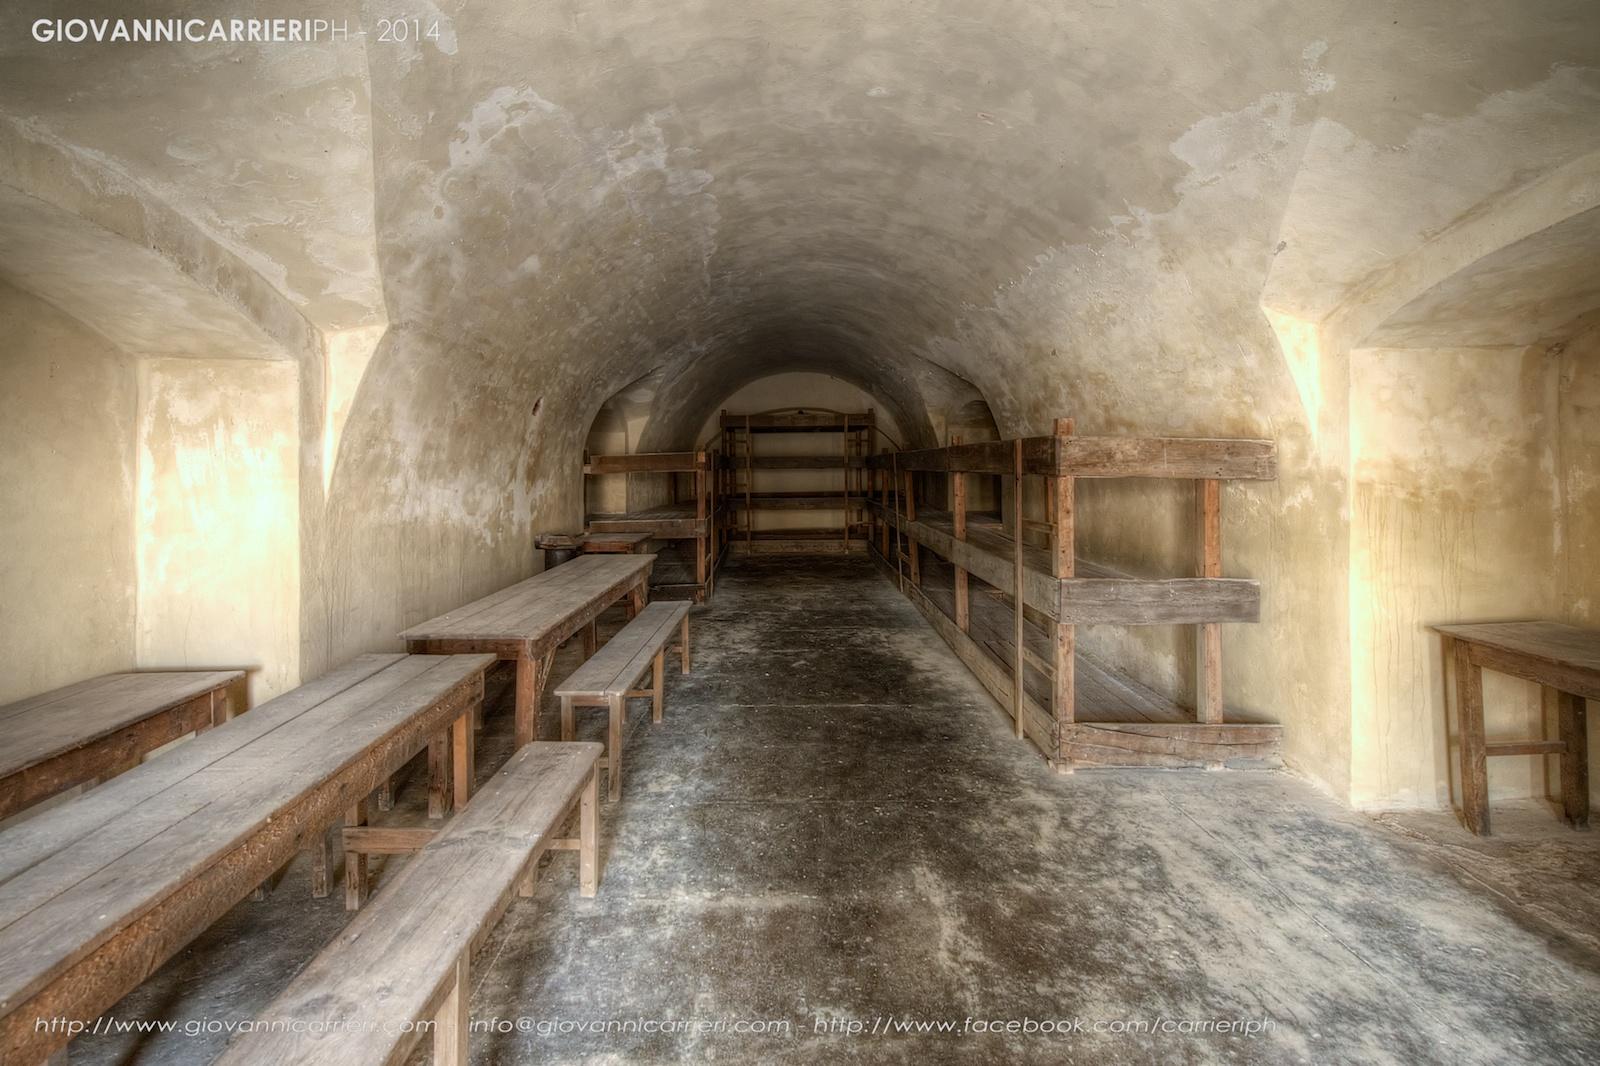 Celle di detenzione in cui erano ammassate circa 600 persone nel quarto cortile - Theresienstadt